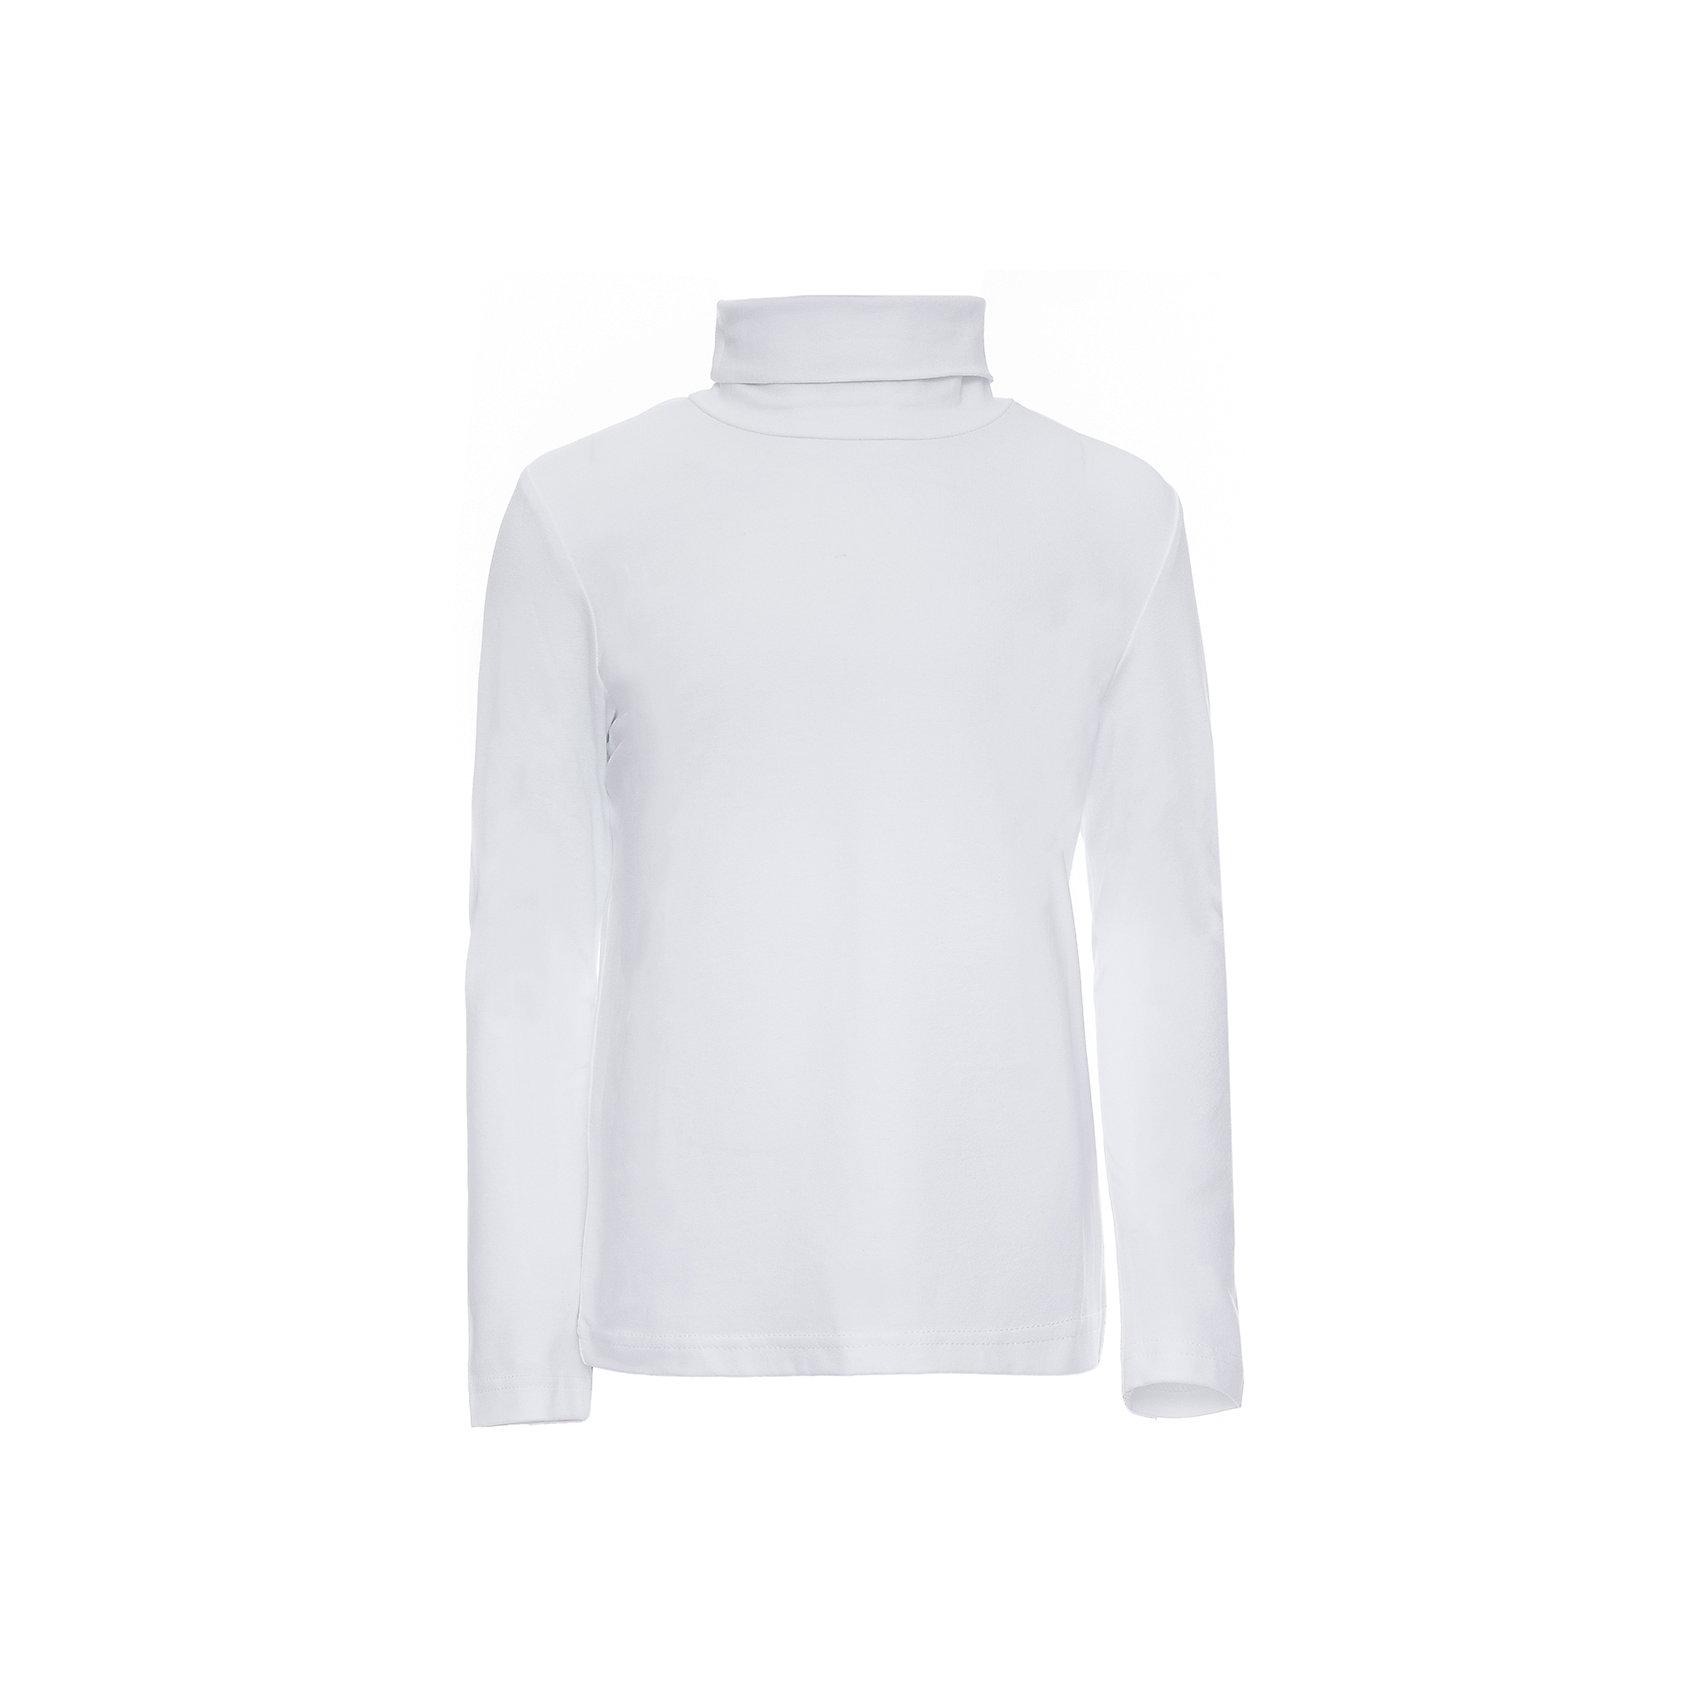 Водолазка для мальчика ScoolВодолазки<br>Водолазка для мальчика от известного бренда Scool<br>Состав:<br>92% хлопок, 8% эластан<br>Уютная белая водолазка с высоким воротником. Хорошо смотрится с любыми брюками и джинсами.<br><br>Ширина мм: 230<br>Глубина мм: 40<br>Высота мм: 220<br>Вес г: 250<br>Цвет: белый<br>Возраст от месяцев: 108<br>Возраст до месяцев: 120<br>Пол: Мужской<br>Возраст: Детский<br>Размер: 140,134,128,122,146<br>SKU: 4686760